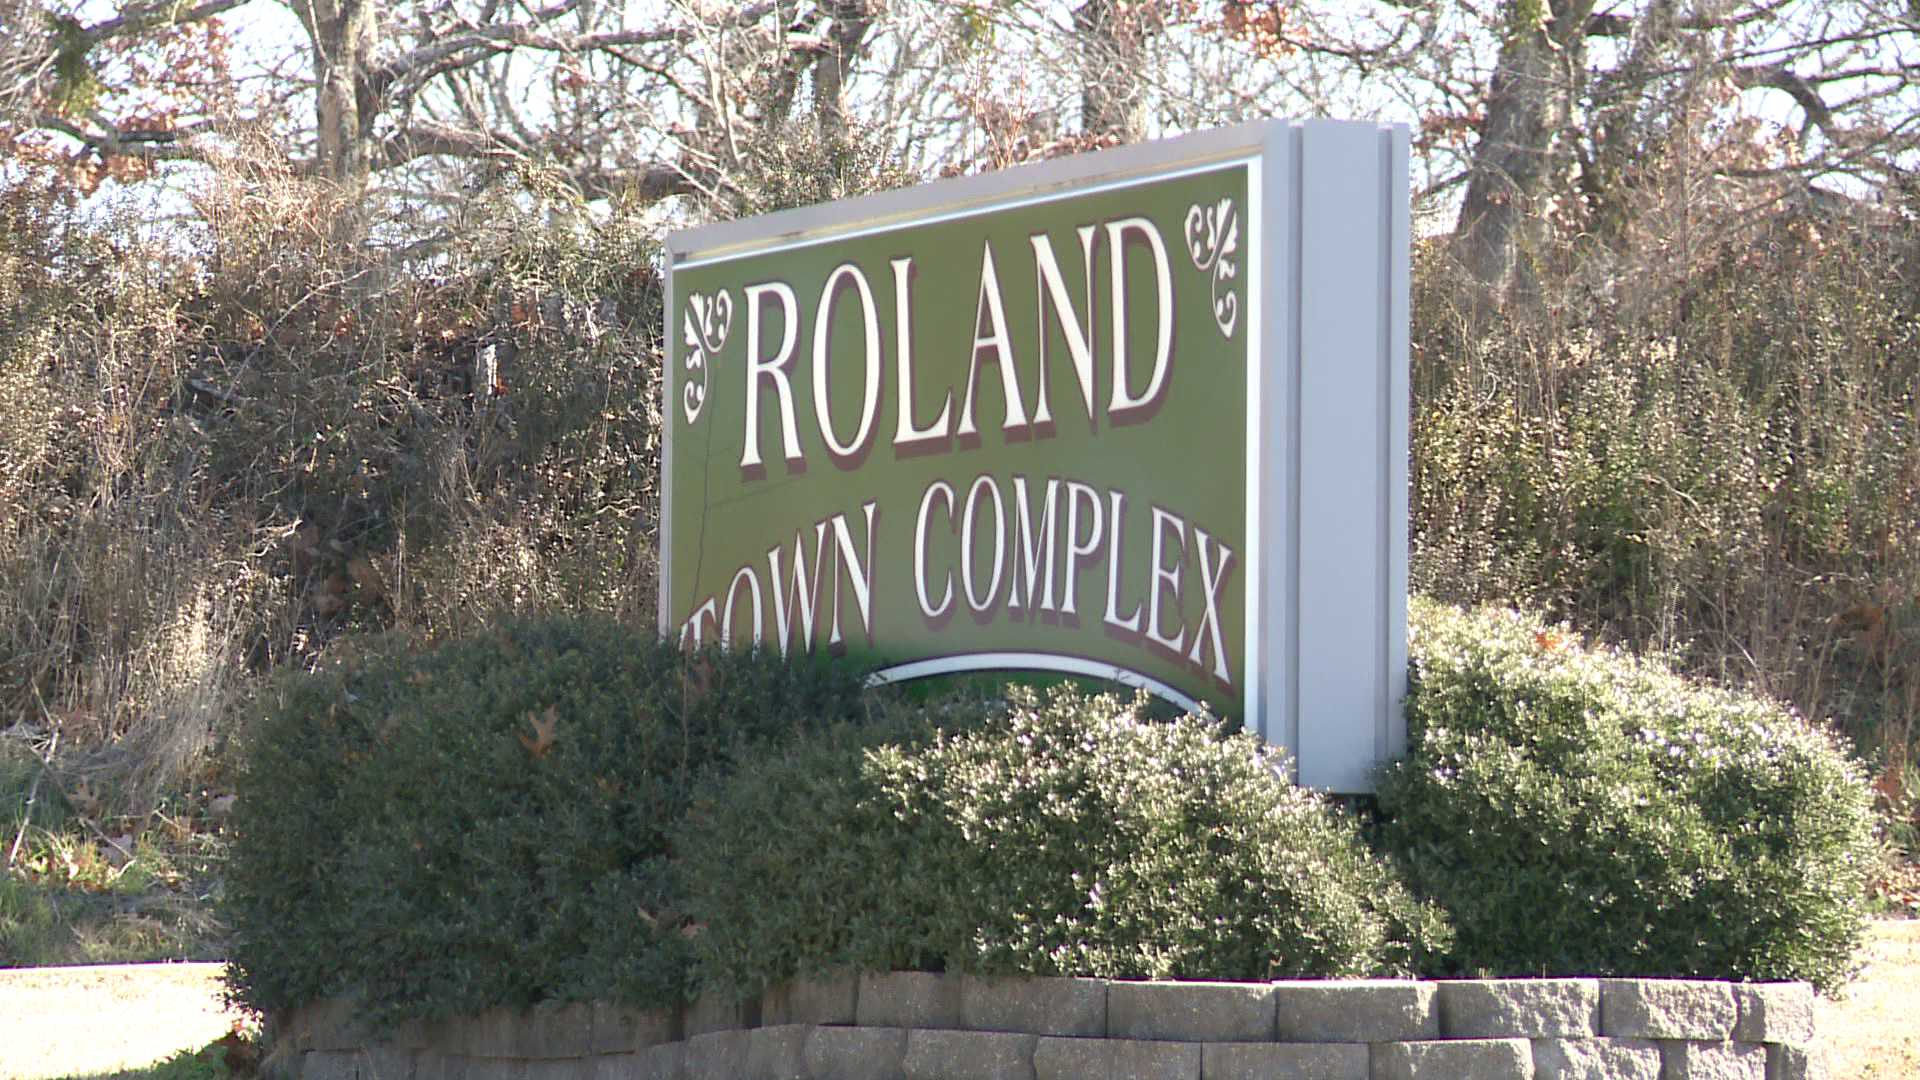 rolandtowncomplex